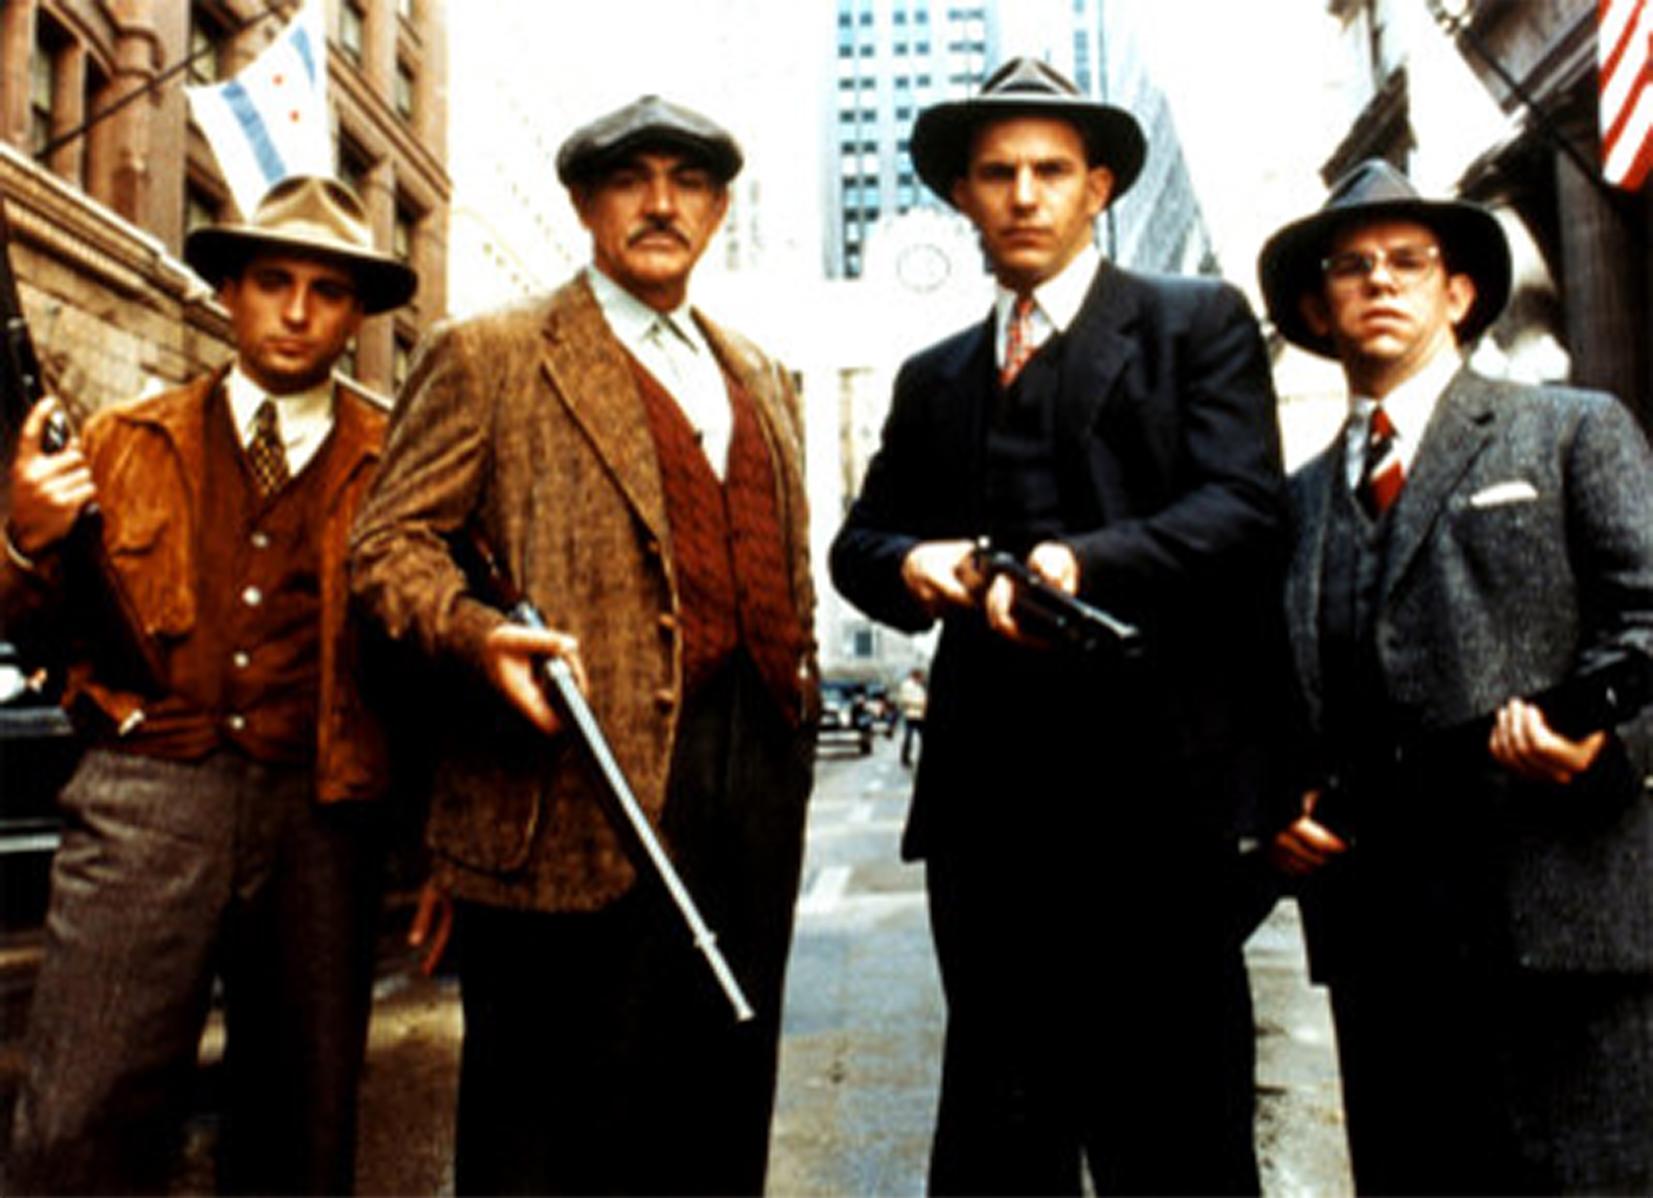 老电影铁面人_>content   说到经典警探拍档电影,《铁面无私》(1987)绝对是最让人